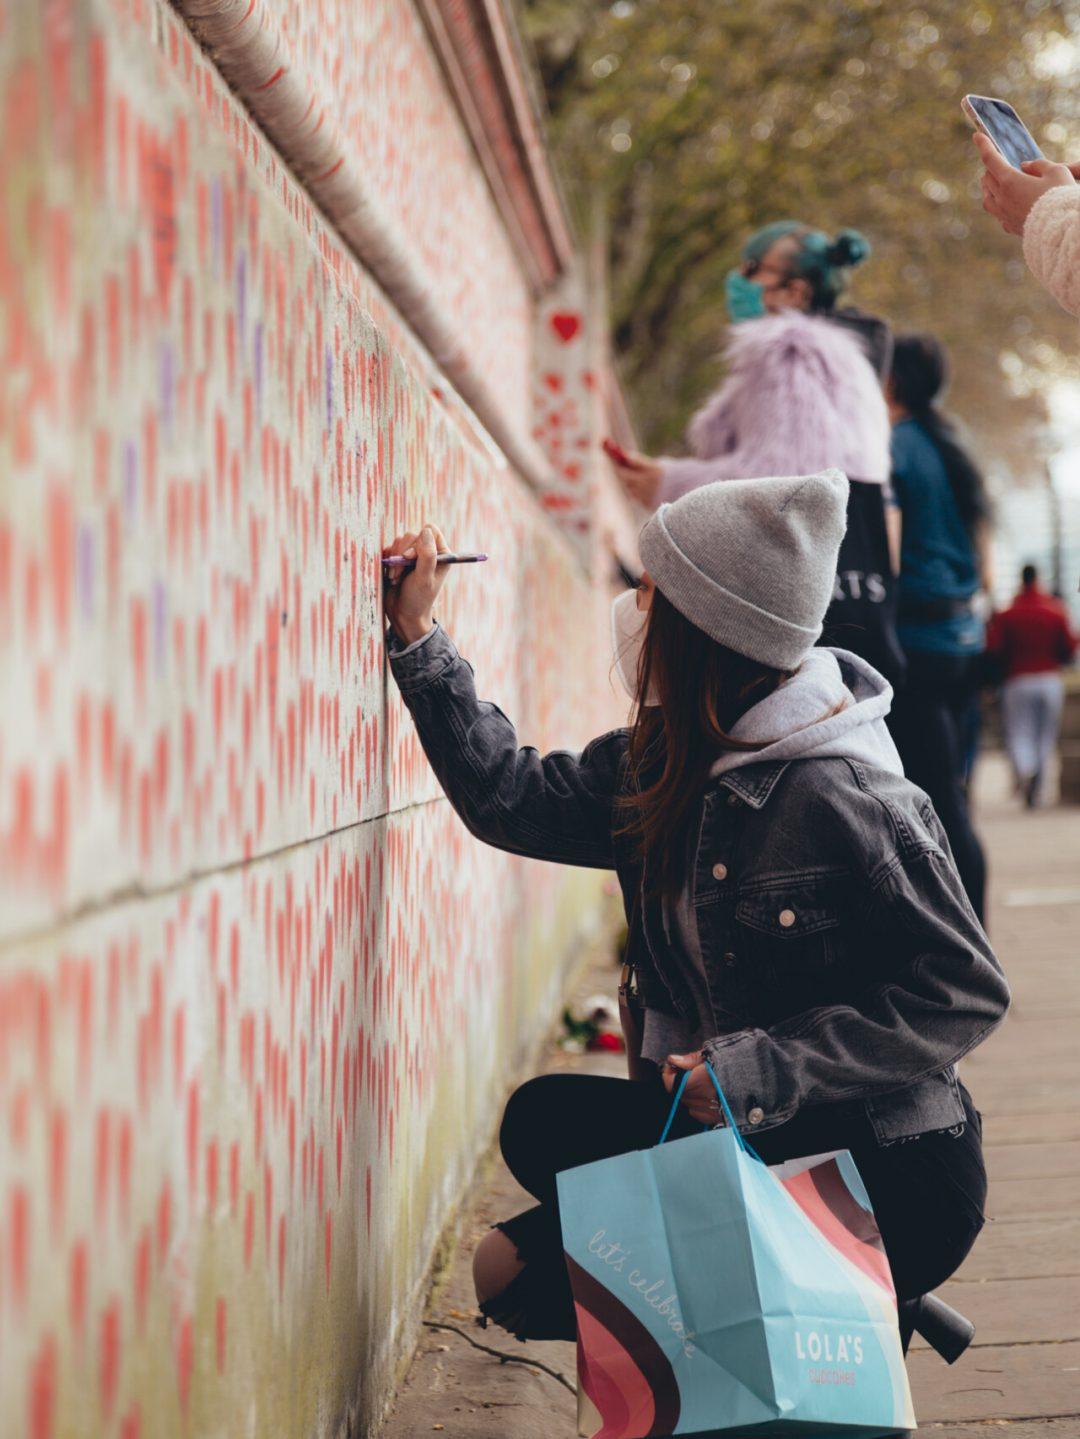 150mila cuori rossi: nel centro di Londra il murale per le vittime del Covid